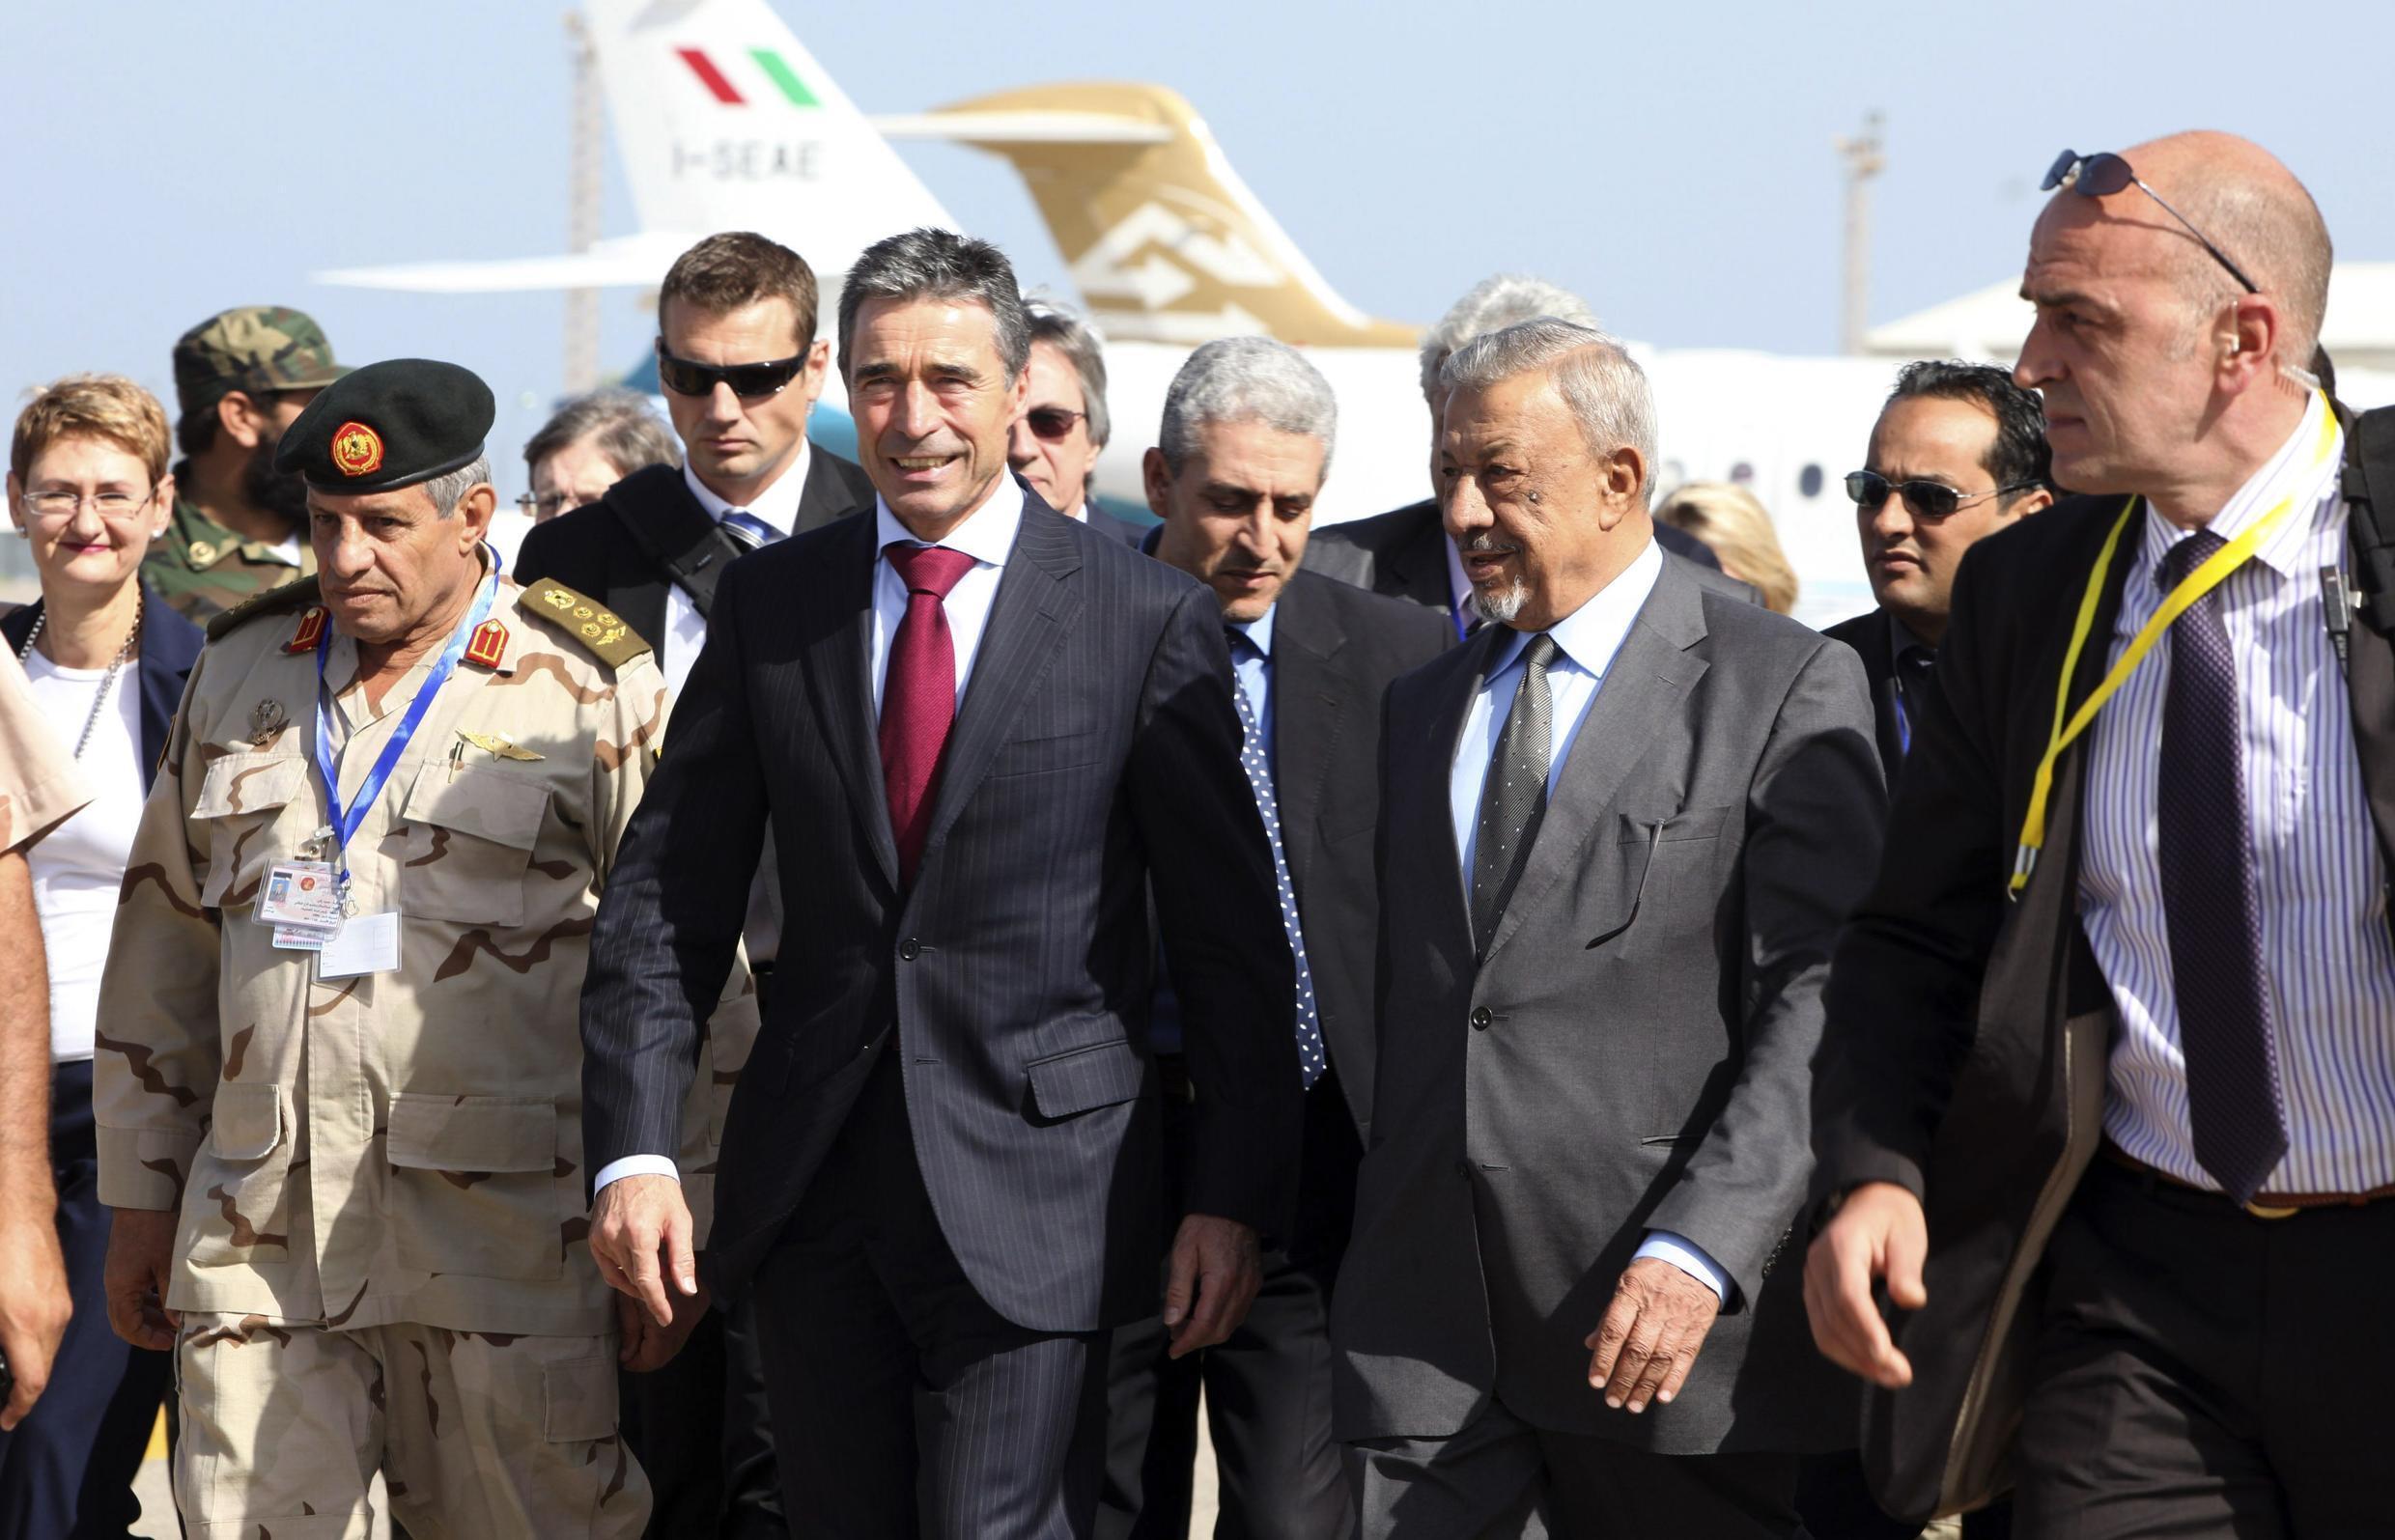 Генеральный секретарь НАТО Андерс Фог Расмуссен прибыл в Ливию 31 октября 2011 года